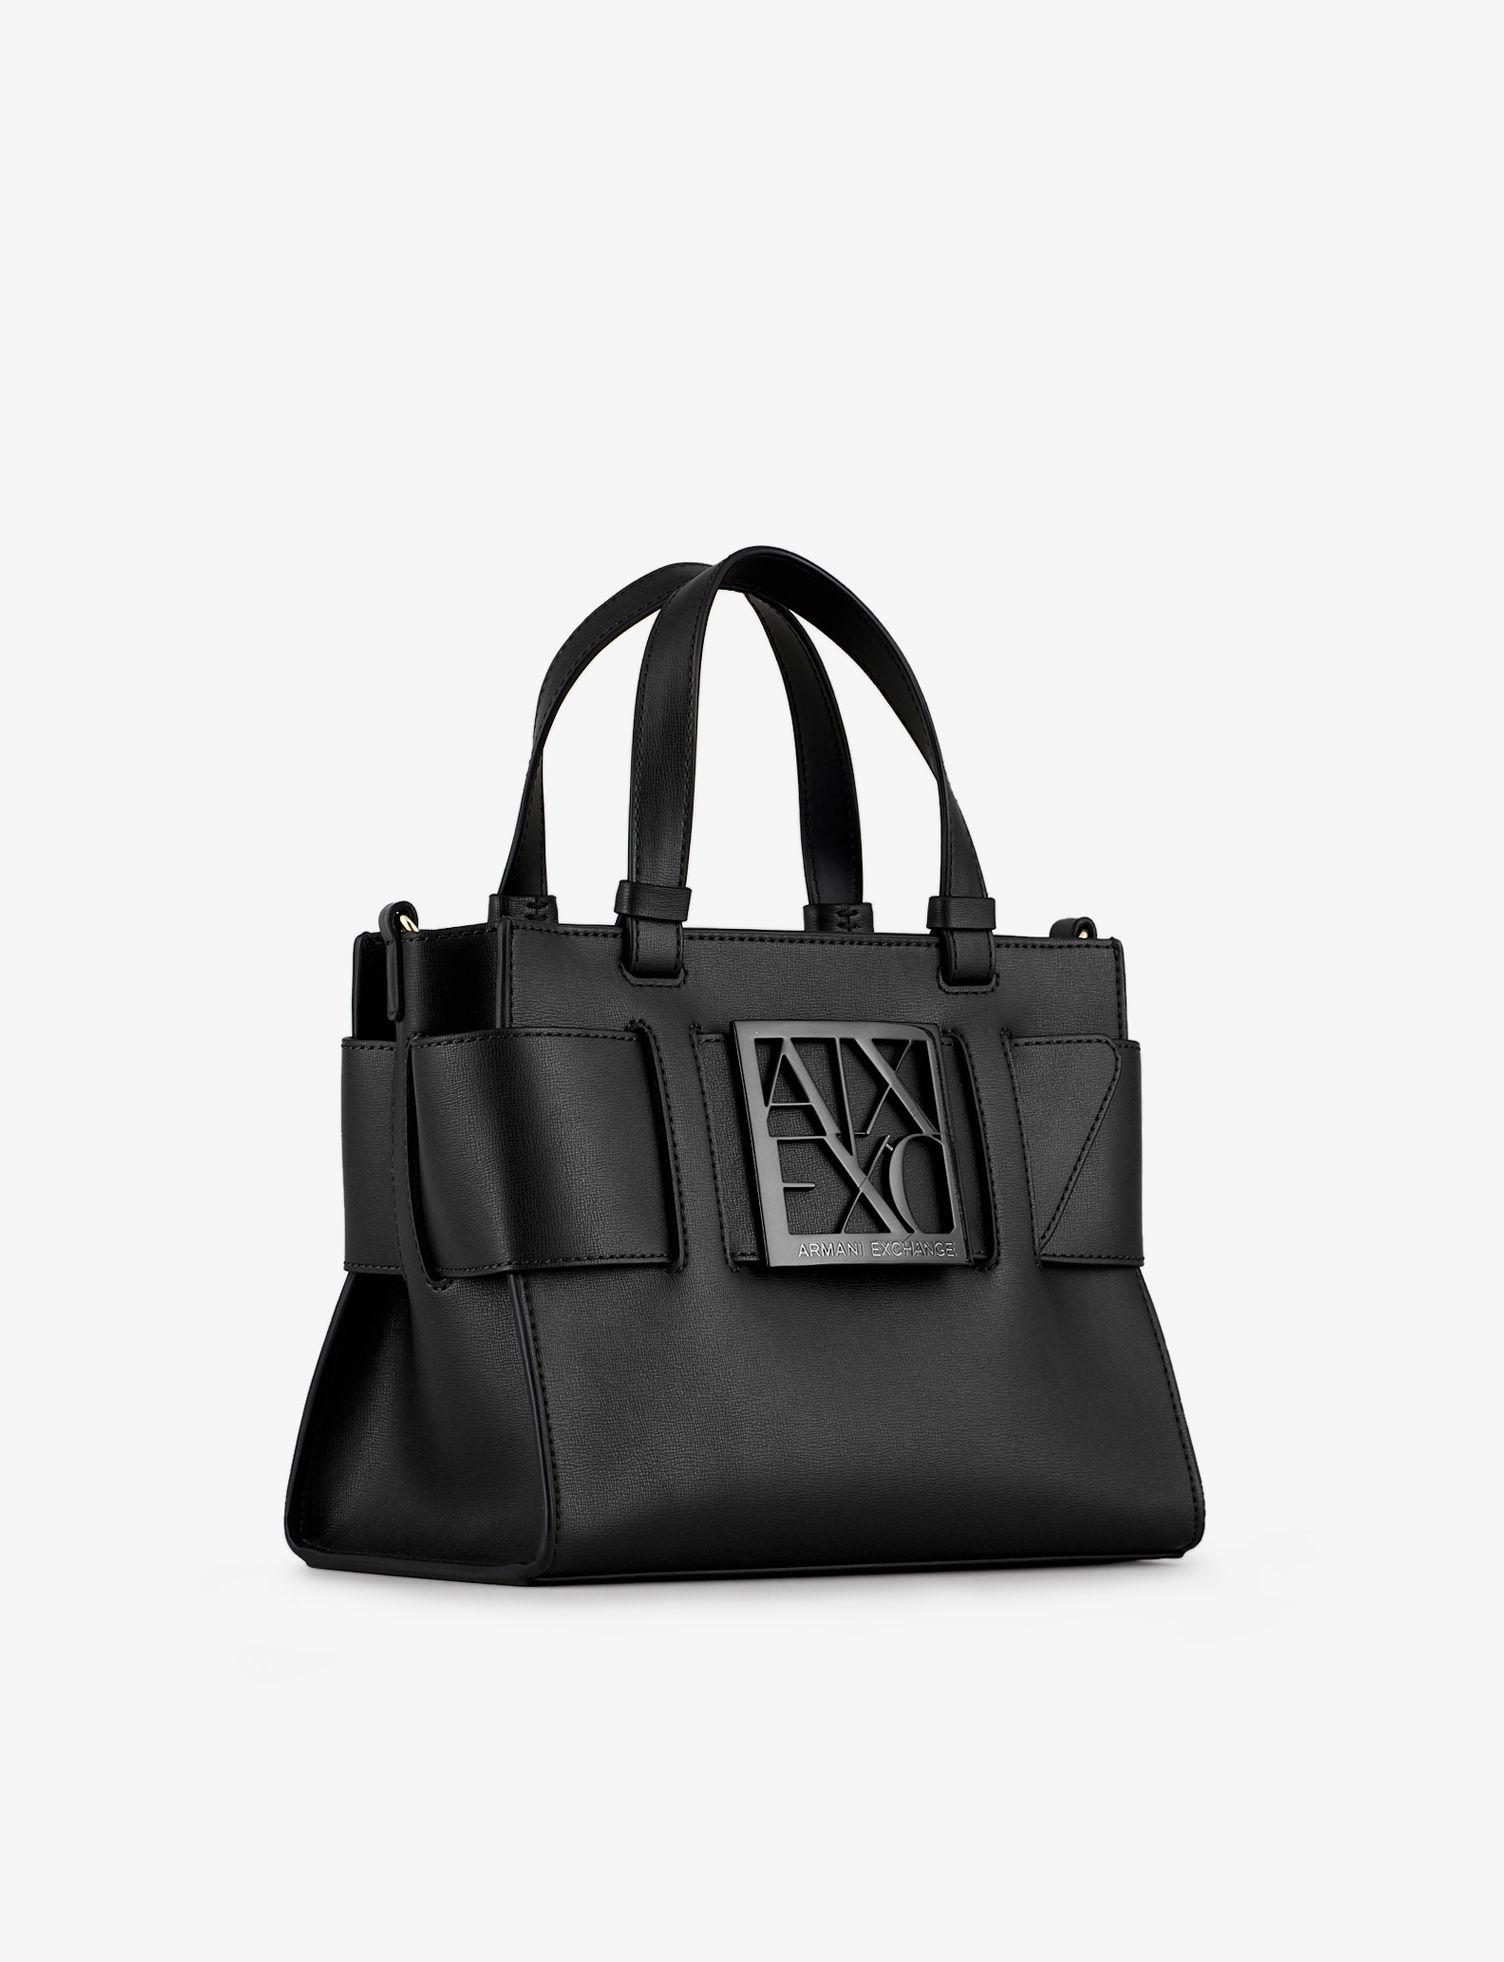 Image of Armani Exchange Bug Flat Shoulder Bag Grösse Einmalige Grösse Damen